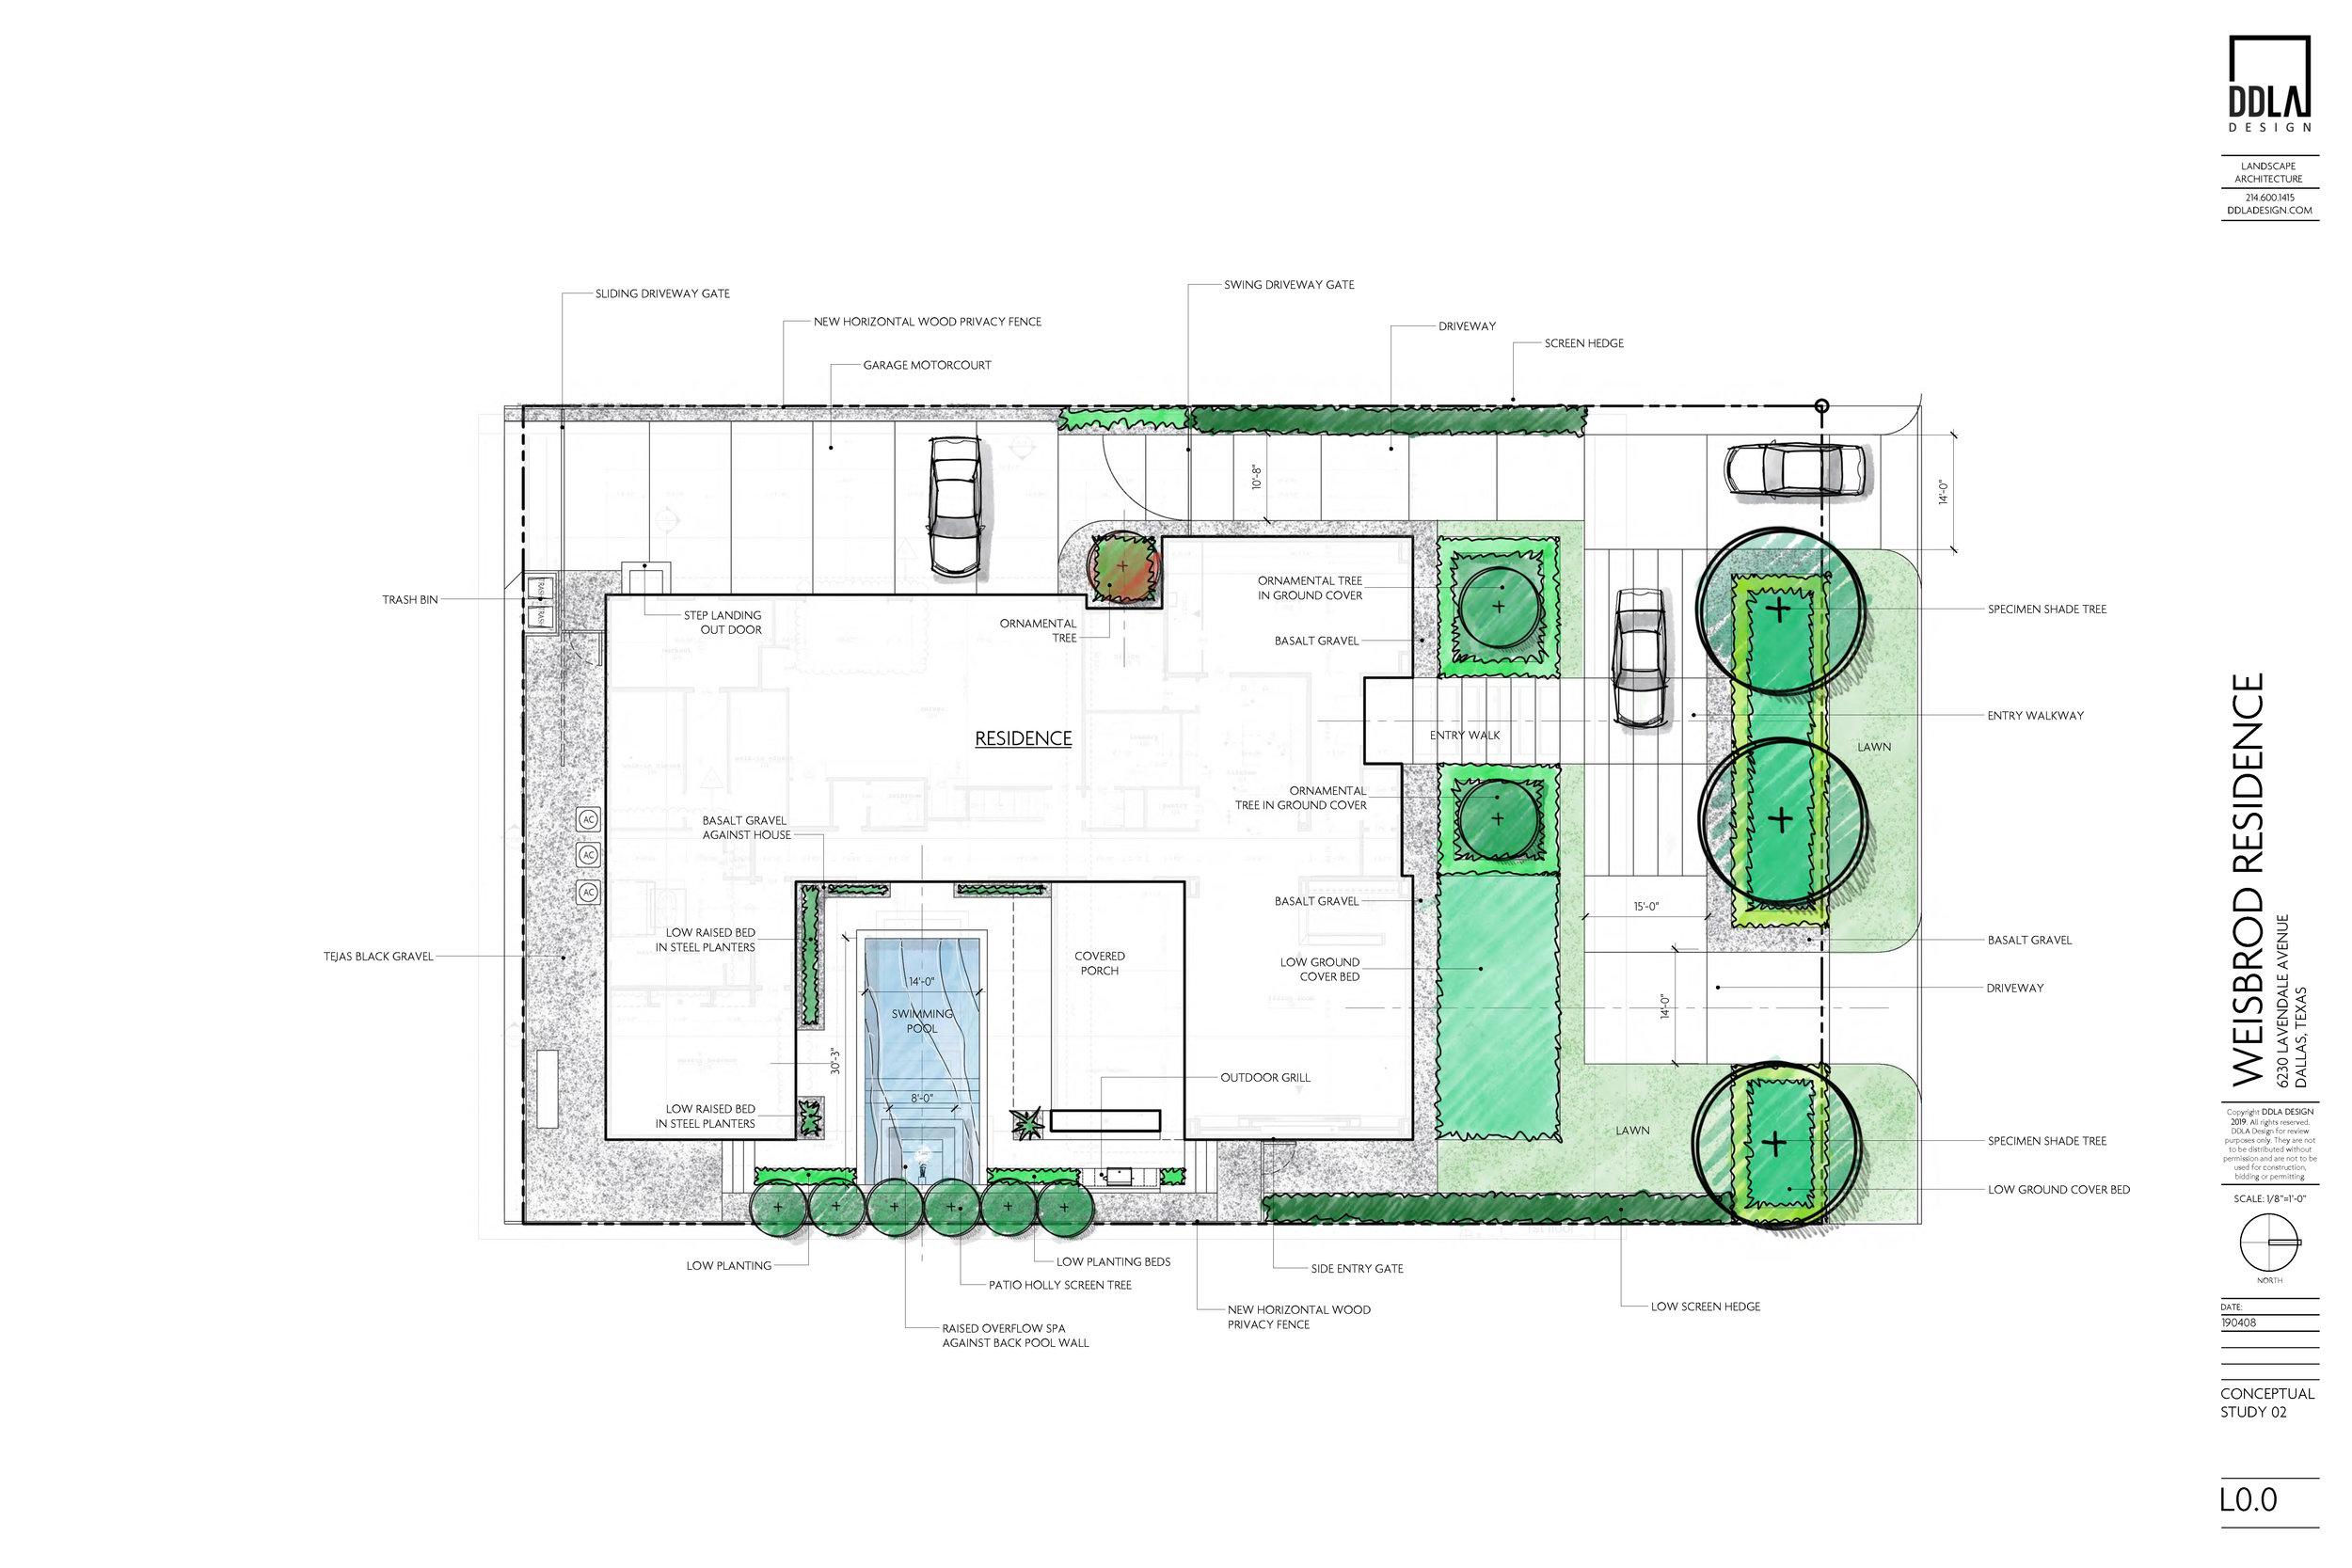 lavendale_conceptual plans_2.jpg